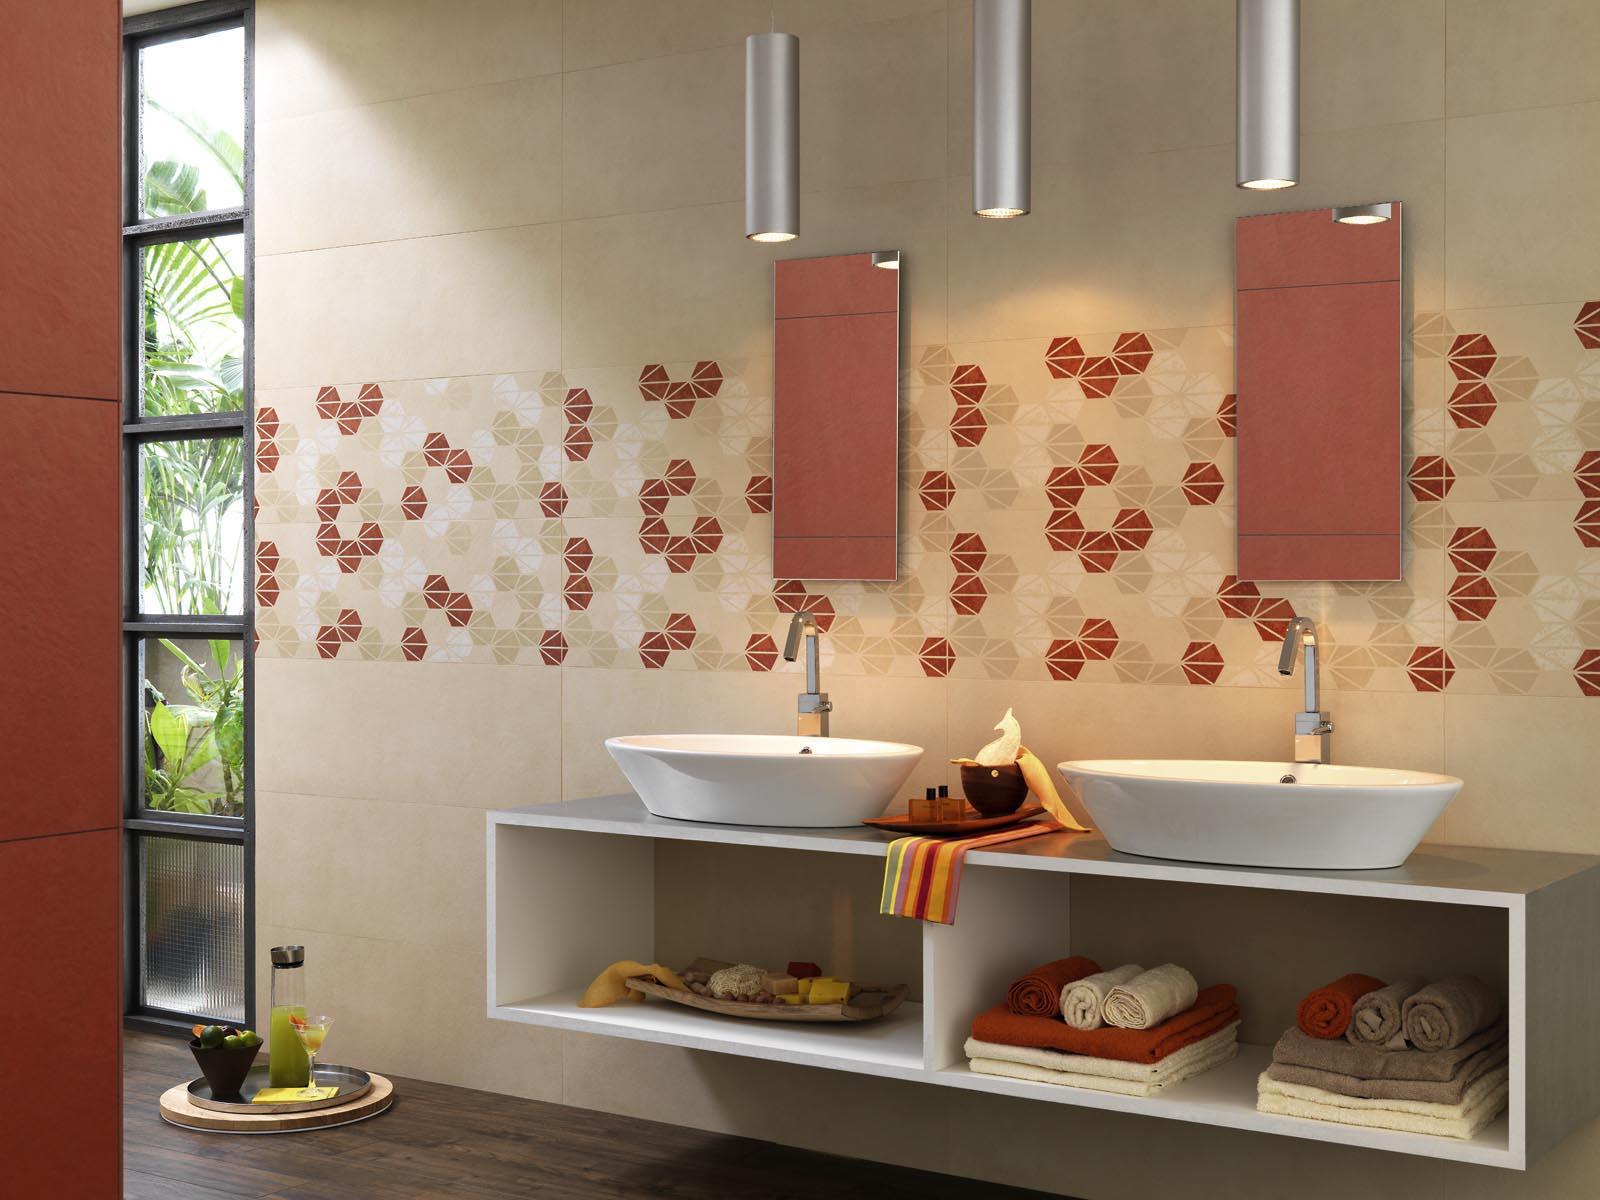 Piastrelle per bagno stile provenzale : piastrelle cucina brutte ...